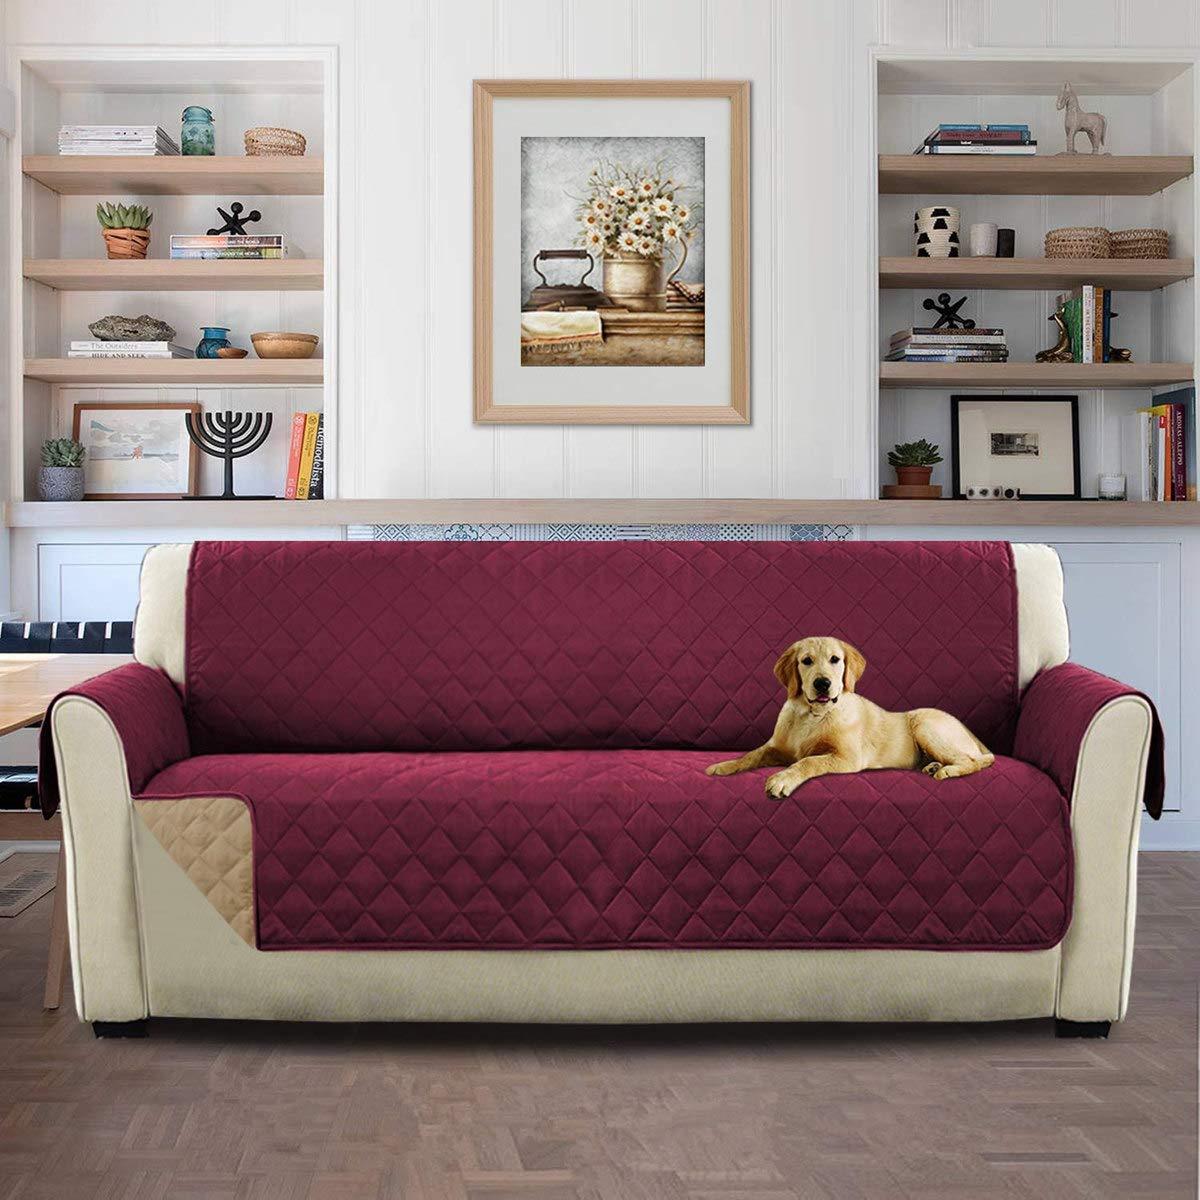 HONCENMAX Funda Cubre Sofá - Protector para Sofás Acolchado - Anti-Sucio para Mascotas Protector de Sofá Muebles - 3 Plazas (110X 75)